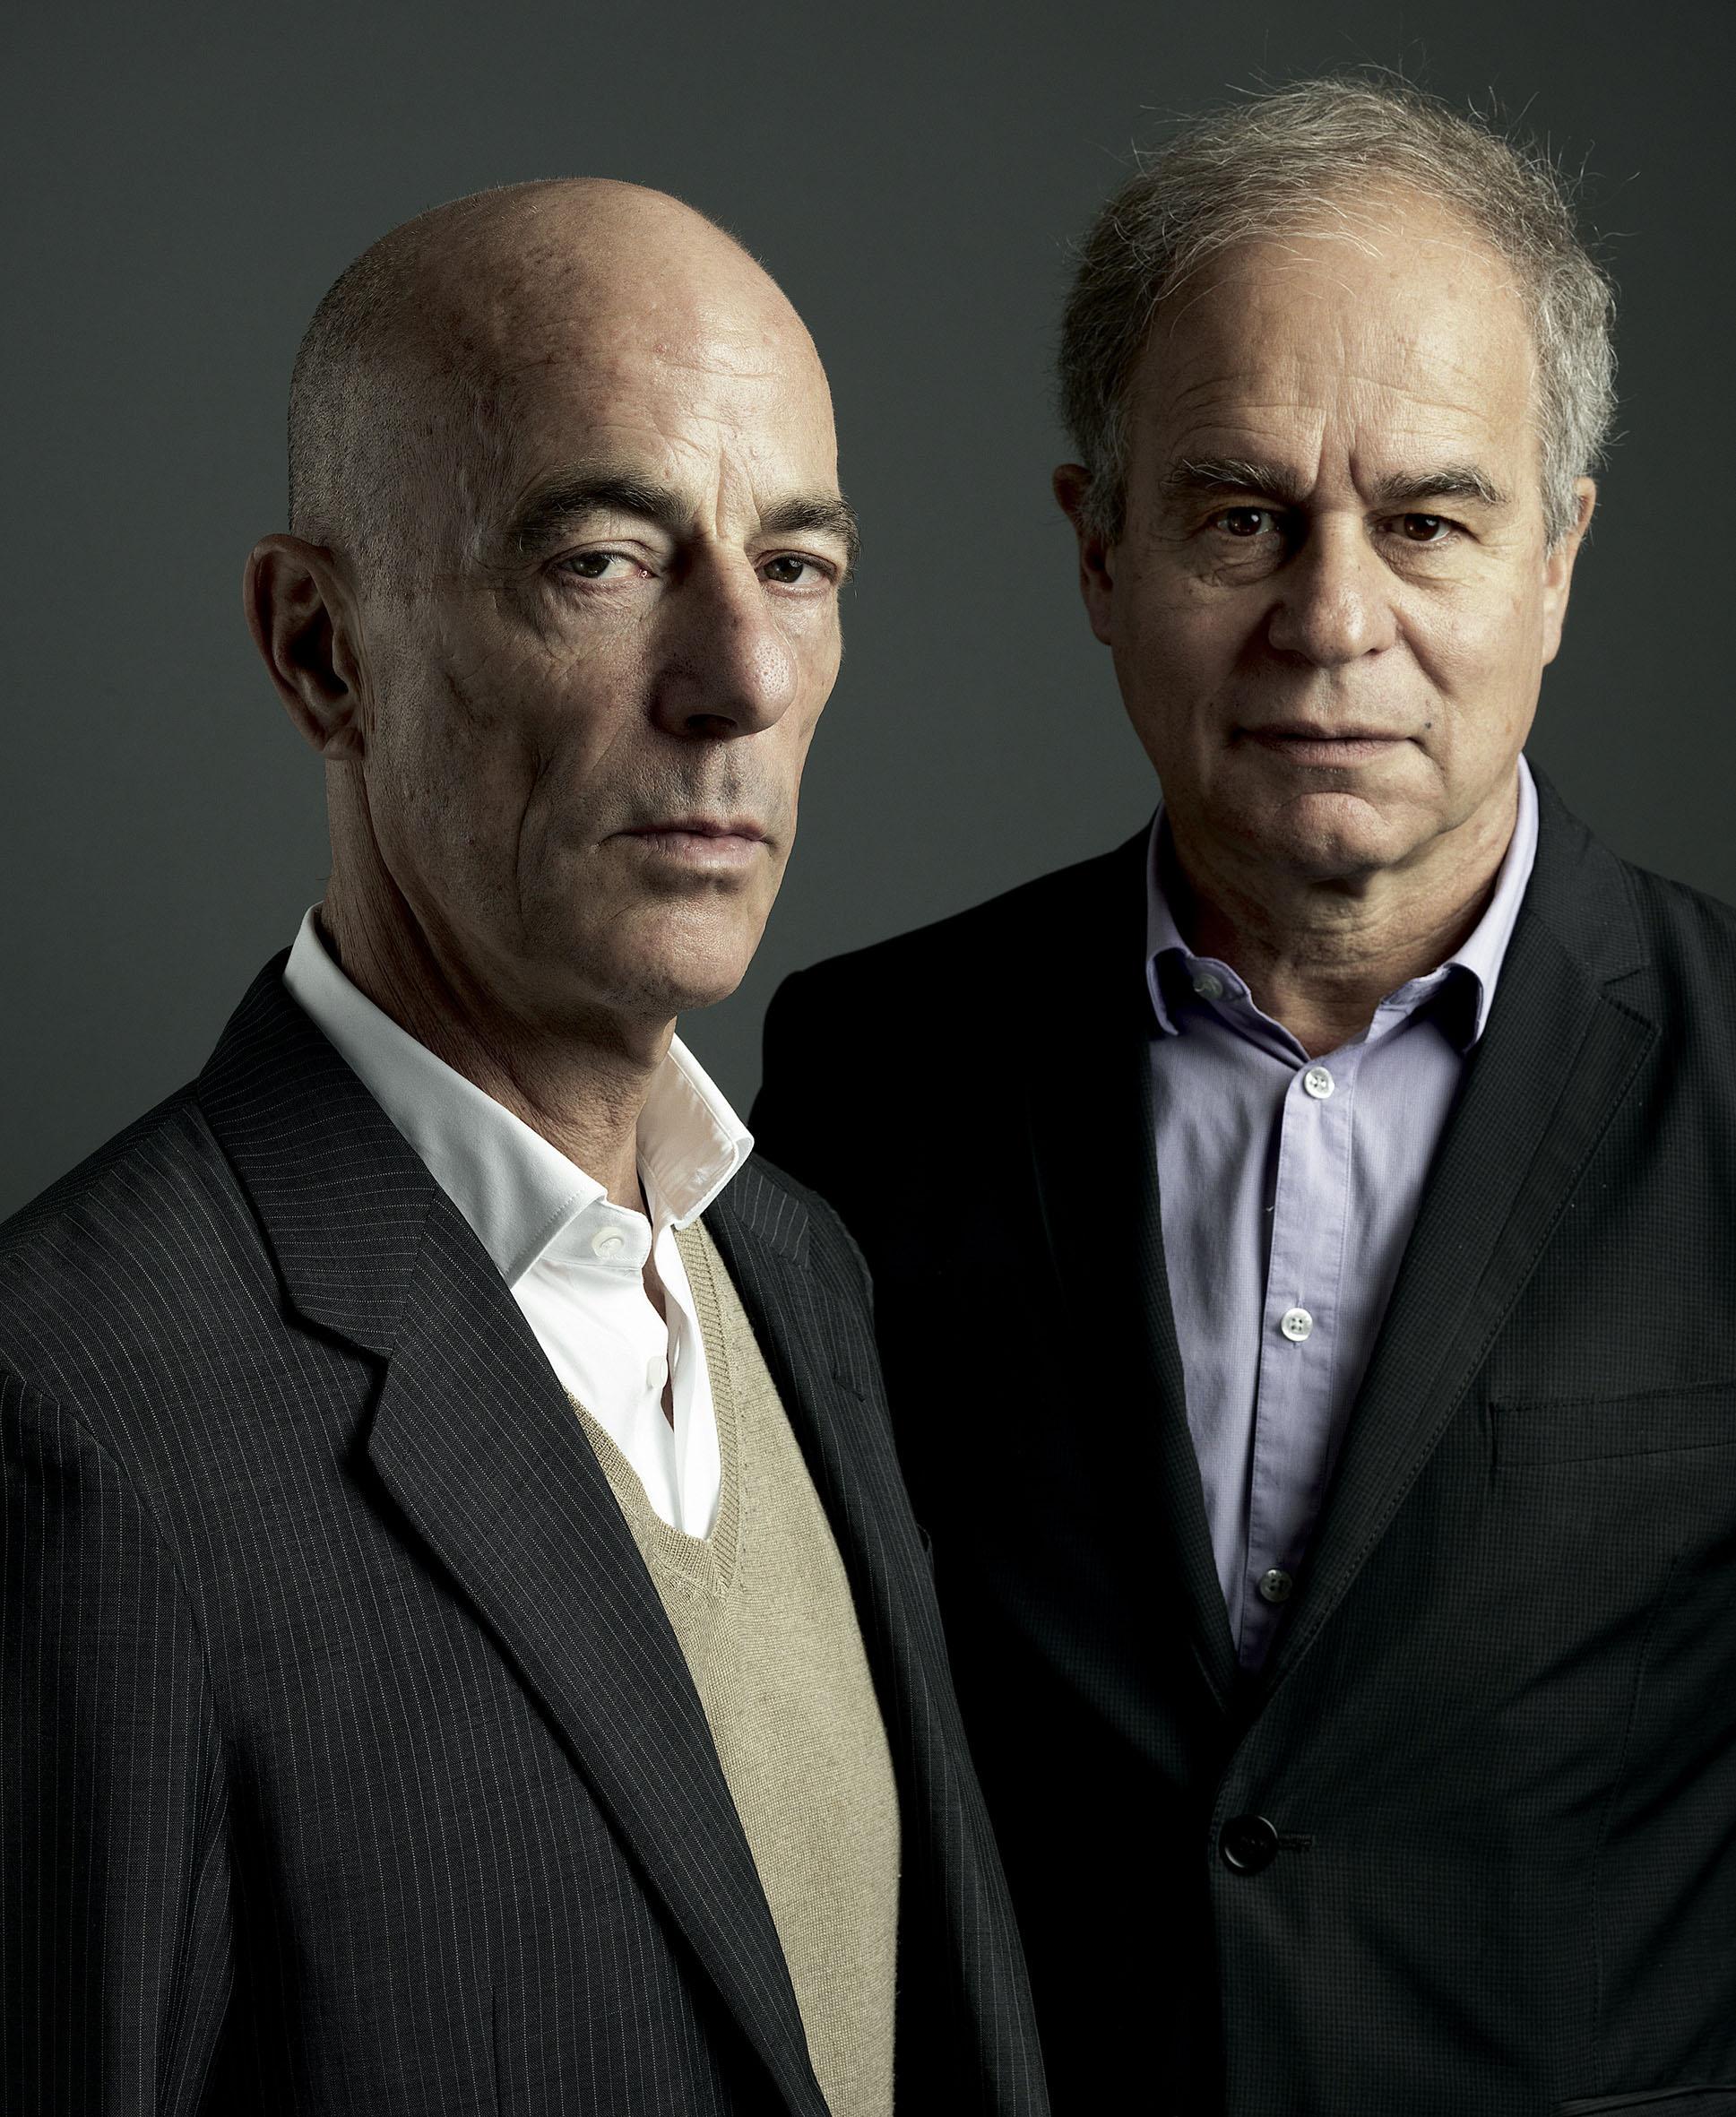 Jacques Herzog (left) and Pierre de Meuron. Herzog & de Meuron. © 2011, Marco Grob